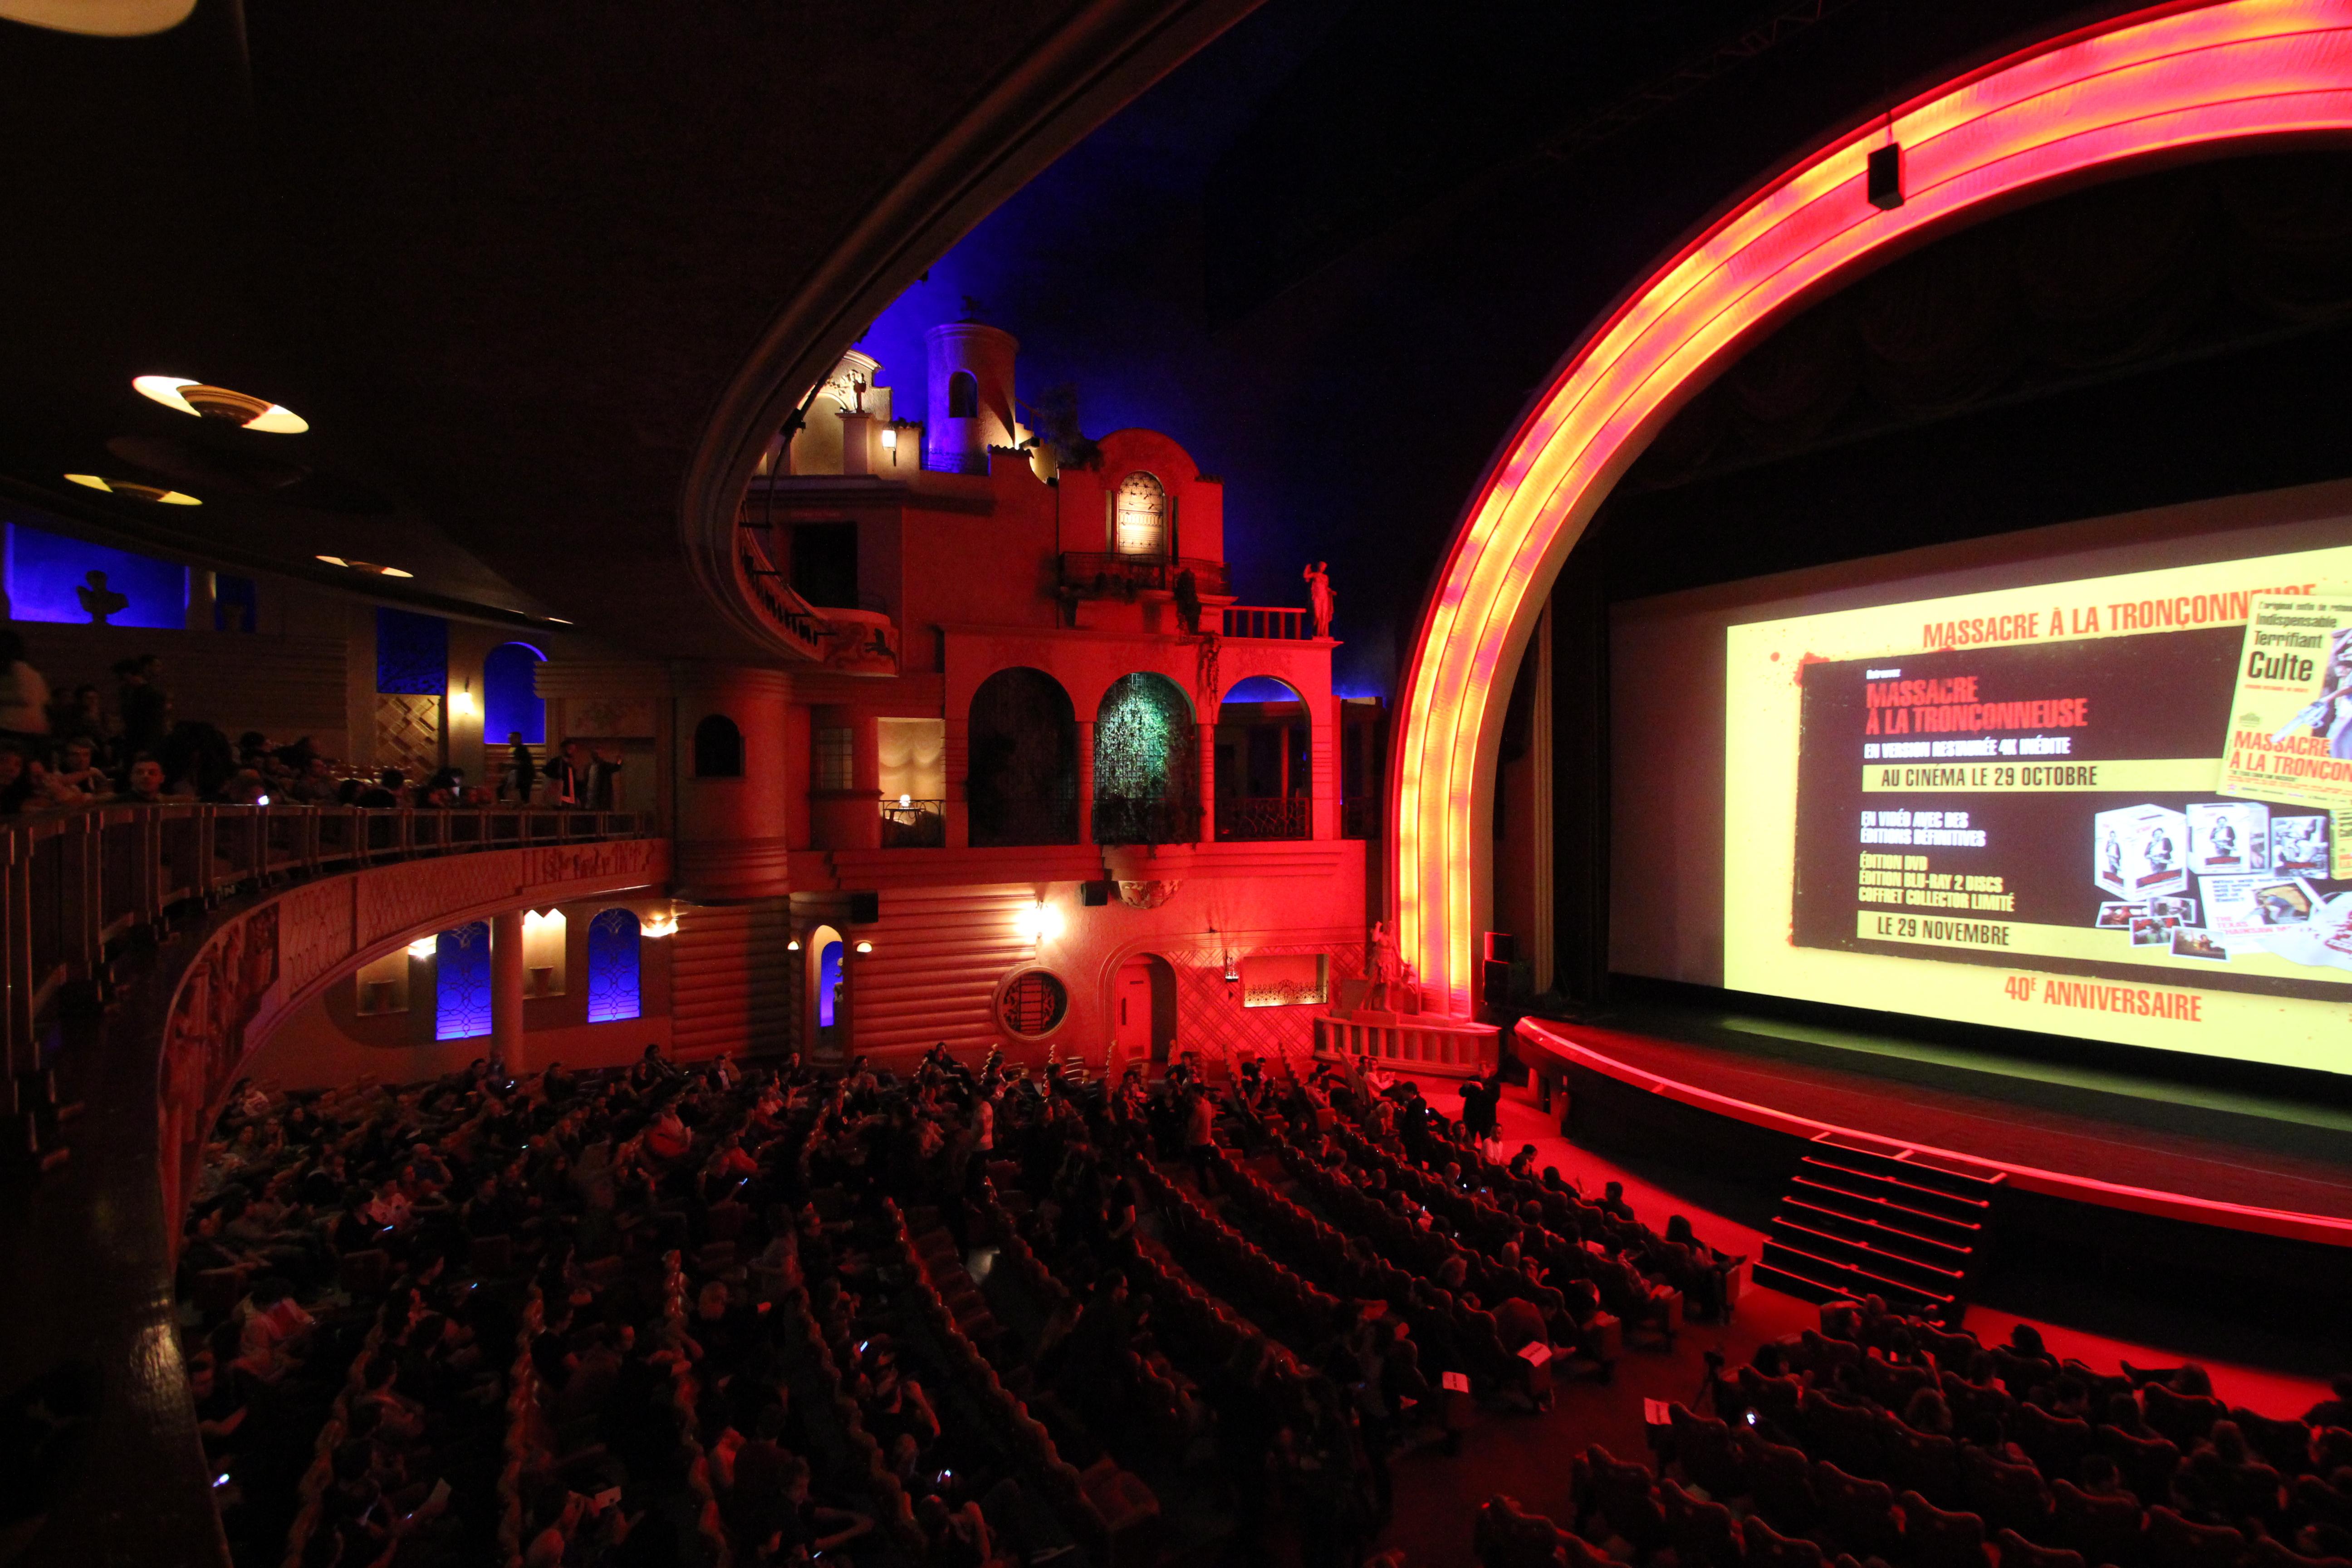 anniversaire cinema rex